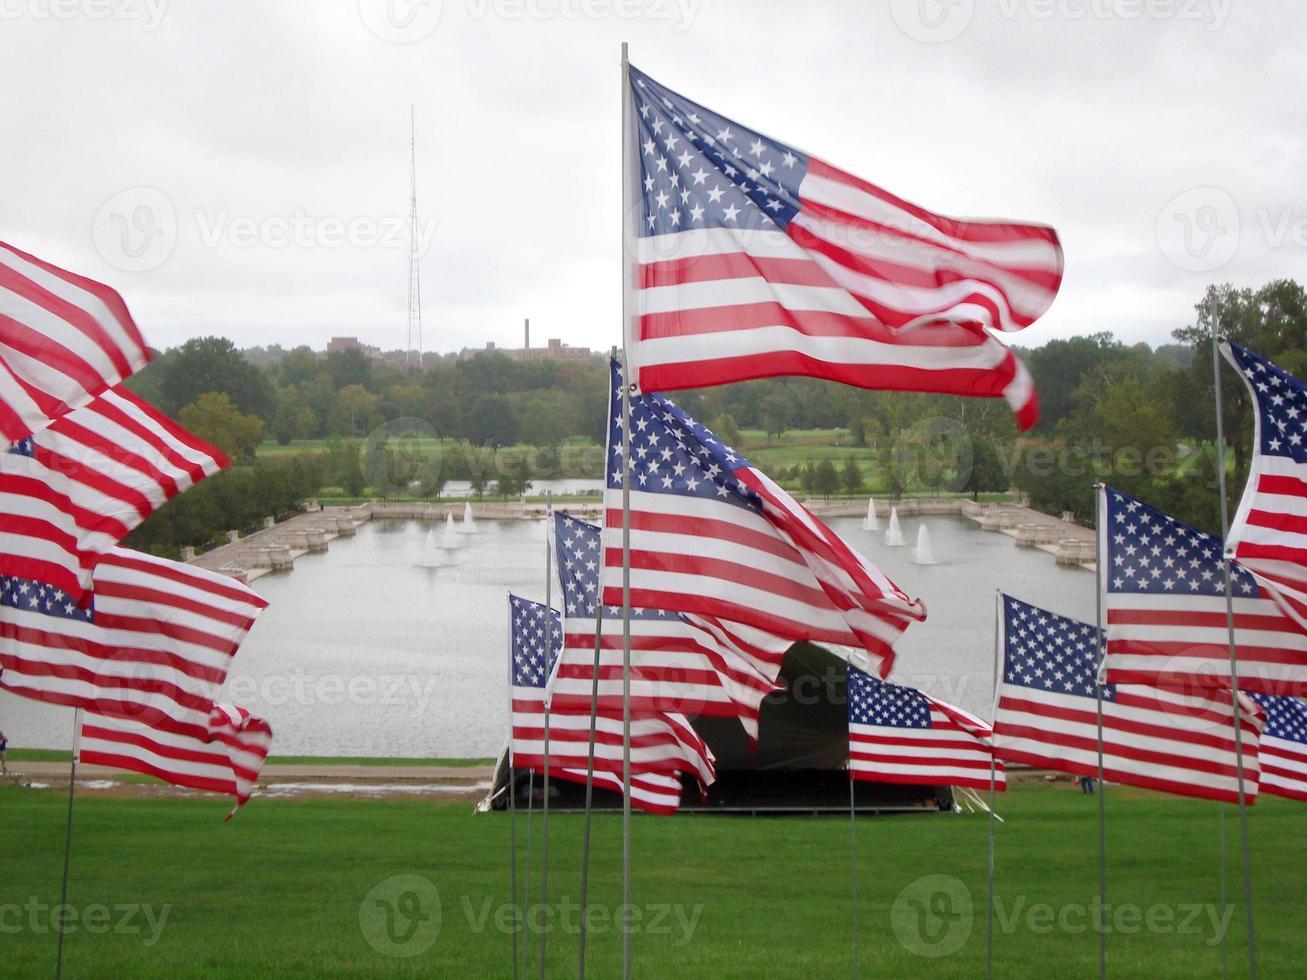 banderas americanas en st. louis, missouri recordando el 11 de septiembre foto